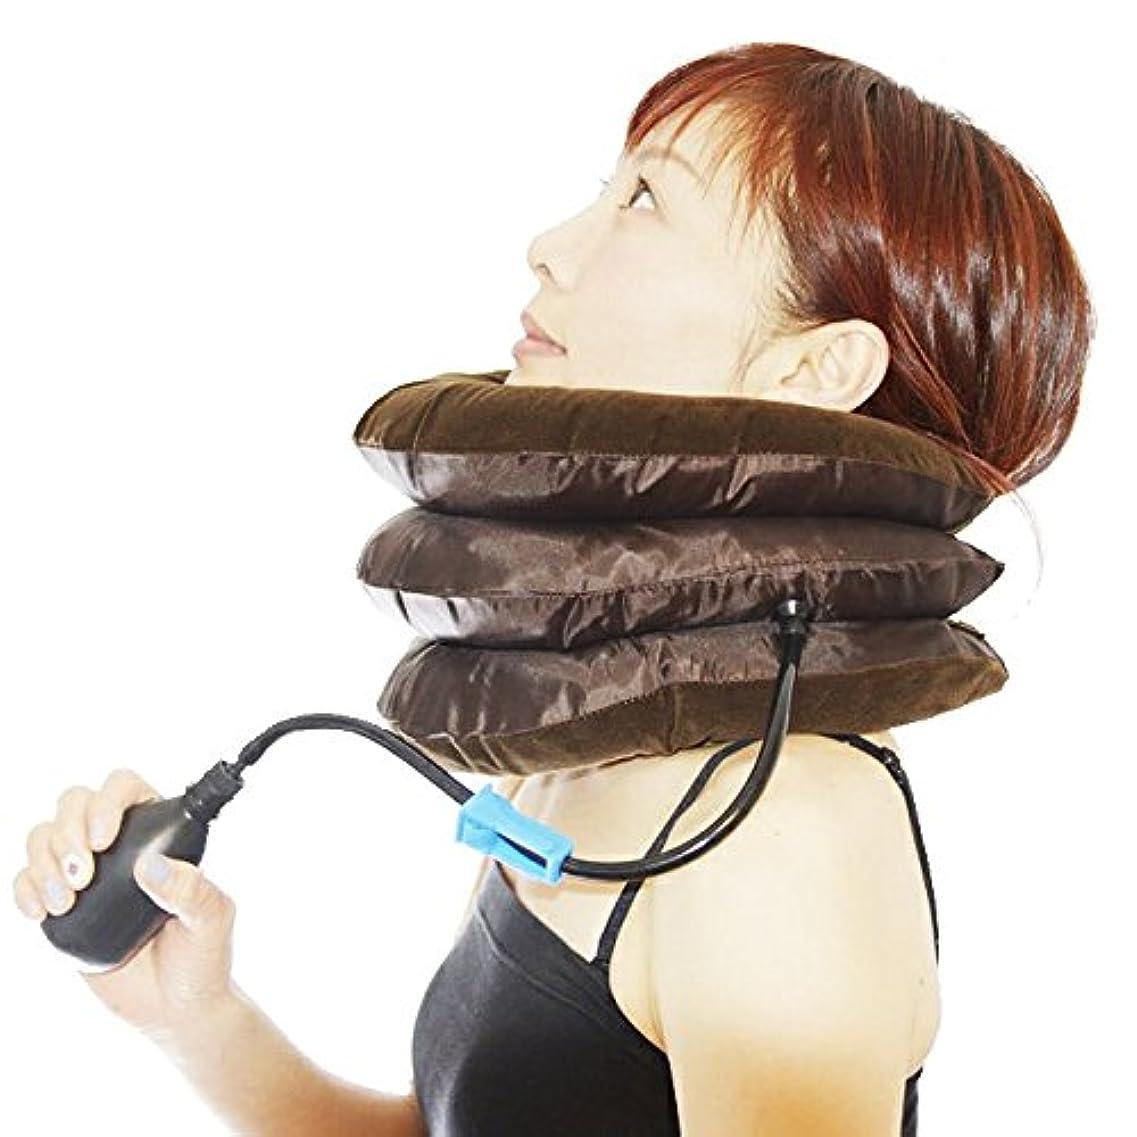 横フレアマキシムネックサポーター ネックストレッチャー 首枕 首伸ばし